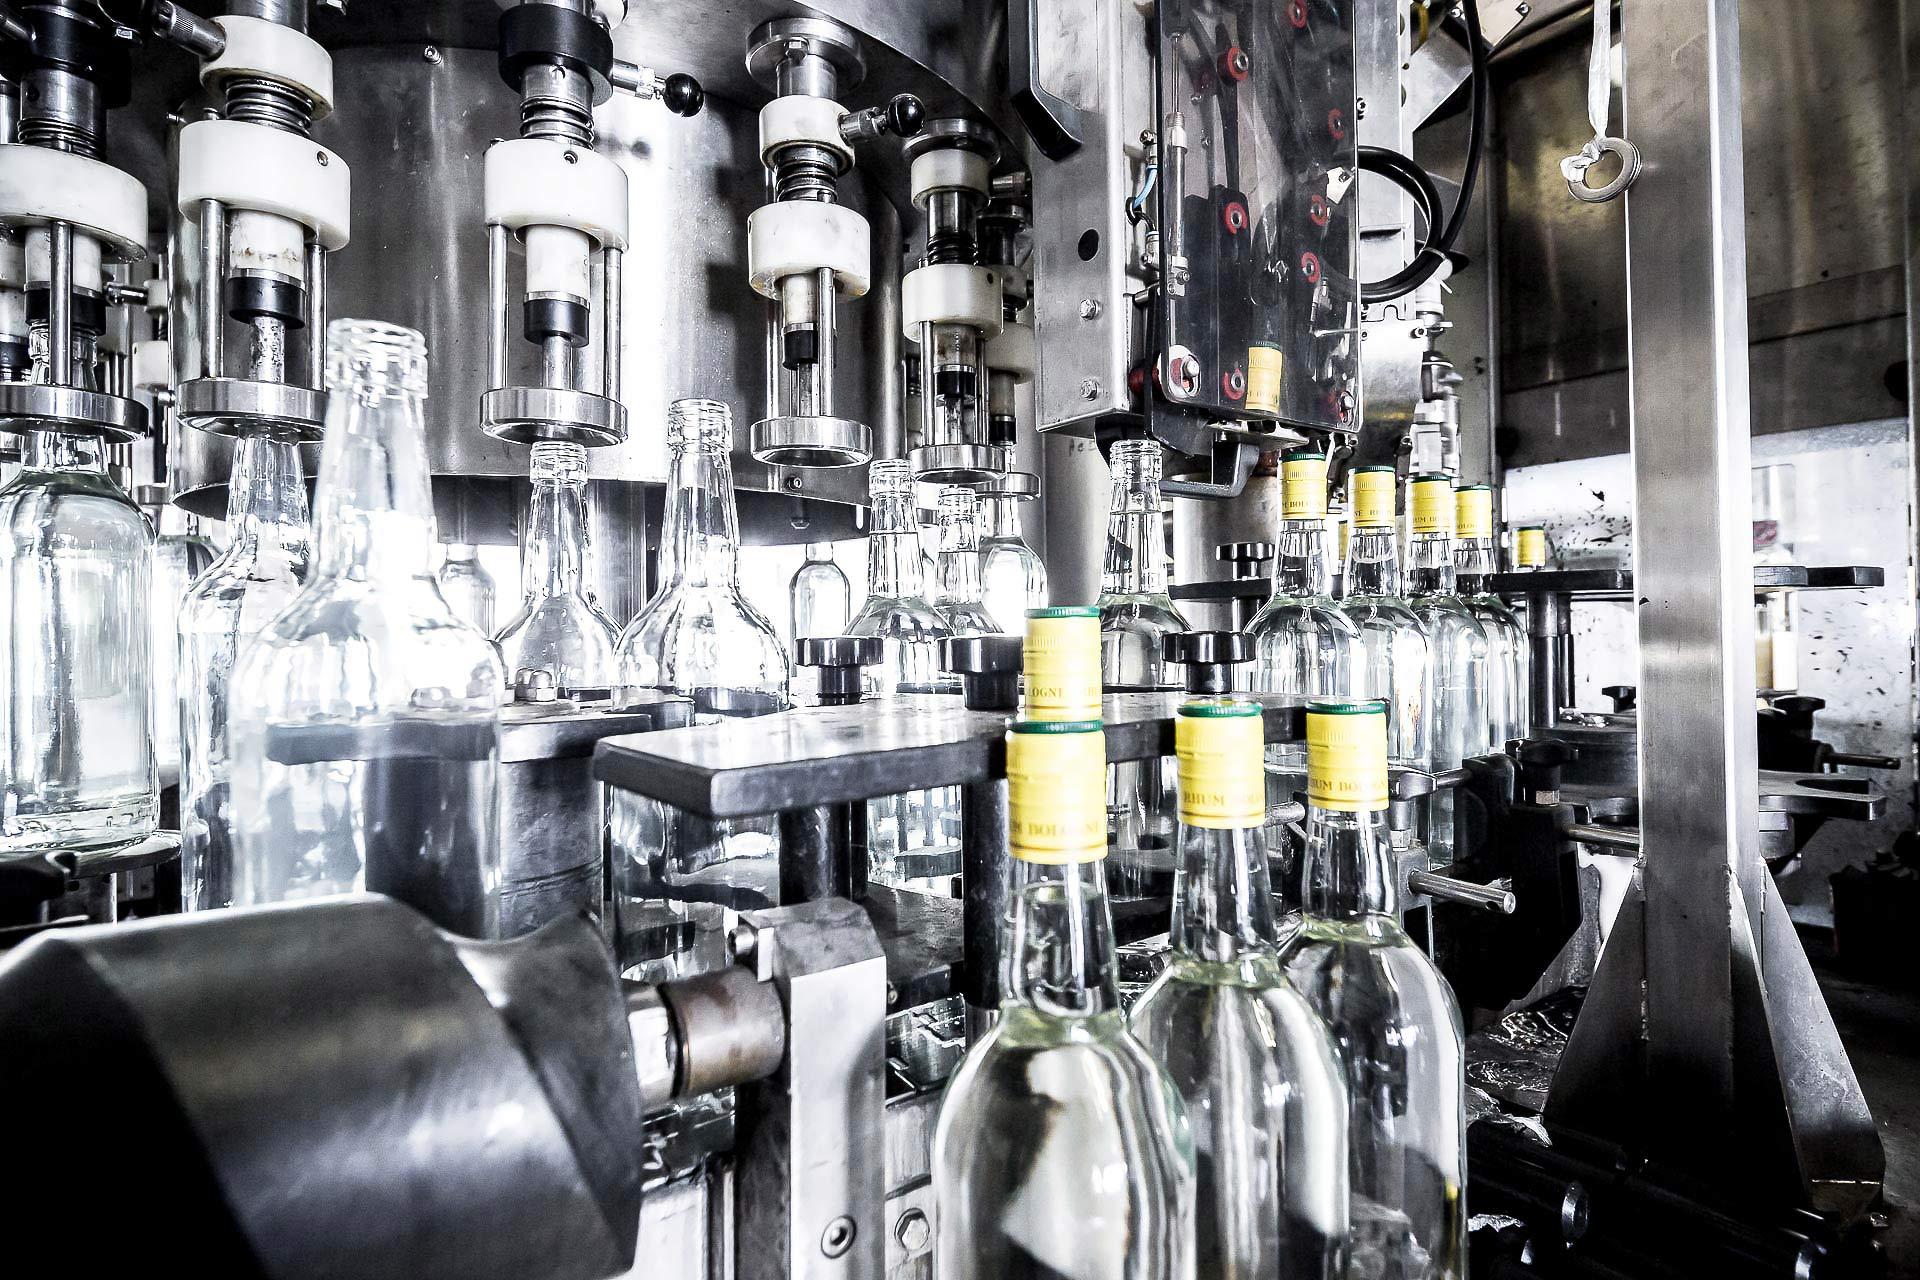 distillerie_bologne_julien-cresp_hd-14